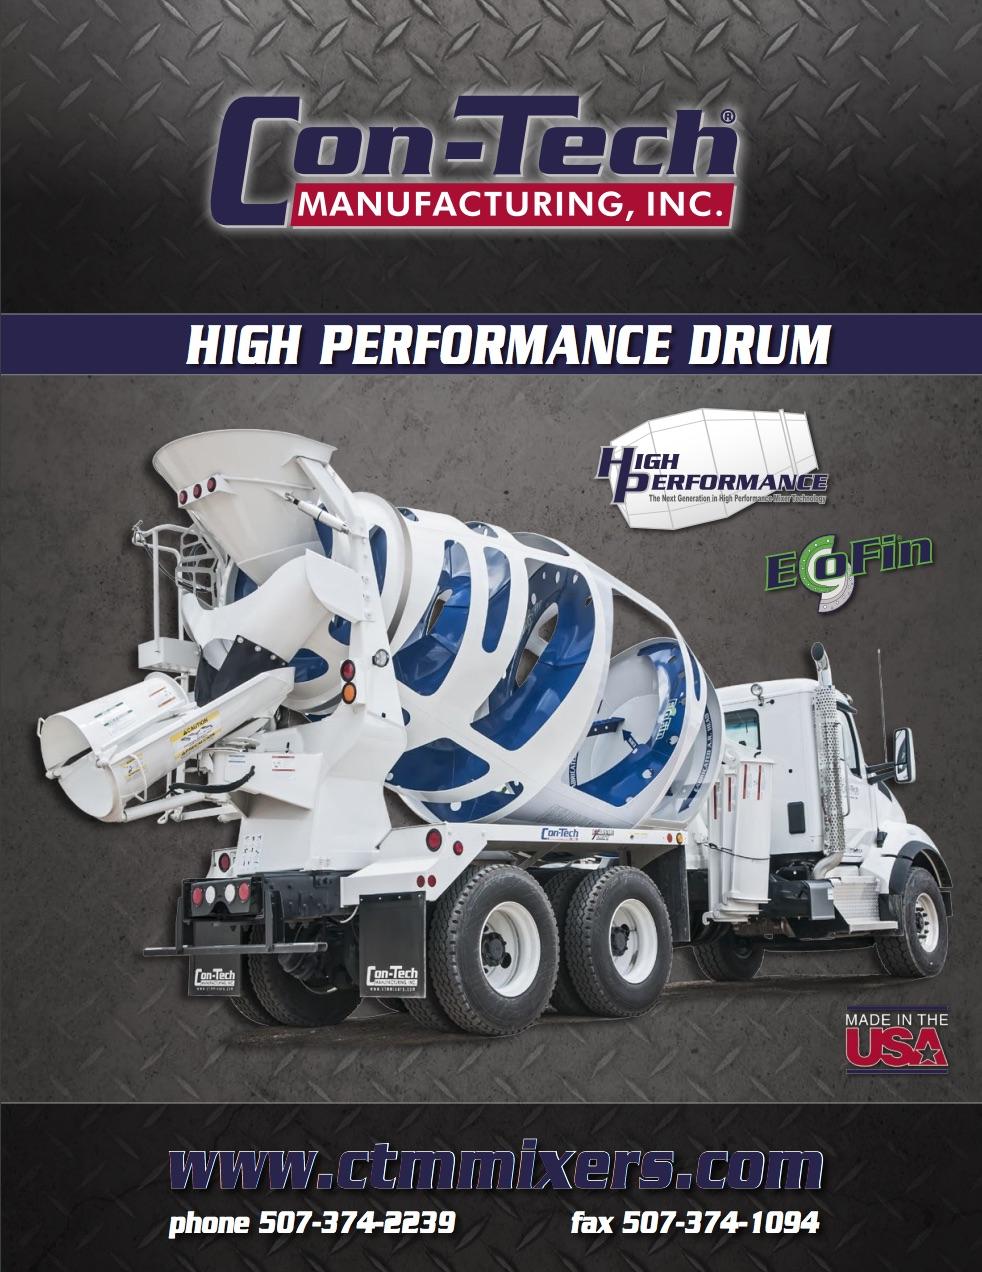 HP Drum Brochure